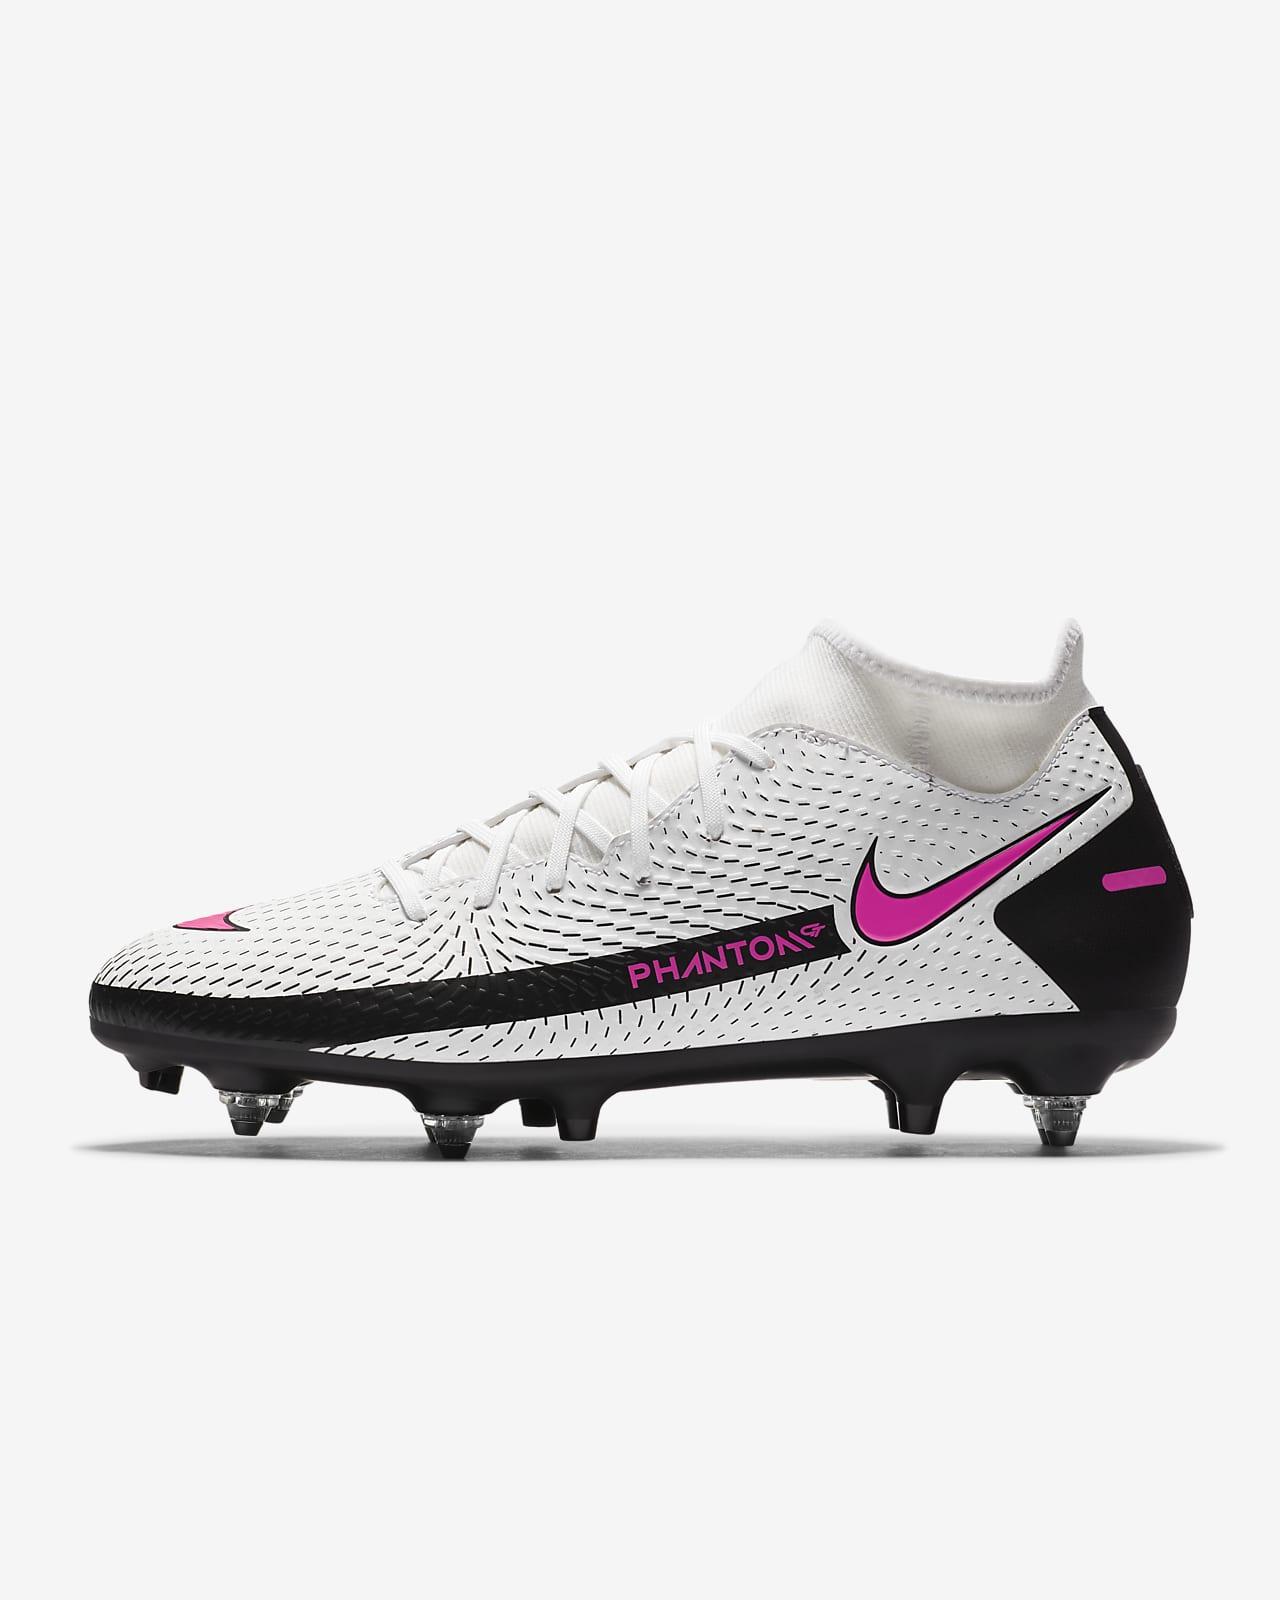 Fotbollssko för vått gräs Nike Phantom GT Academy Dynamic Fit SG-PRO Anti-Clog Traction